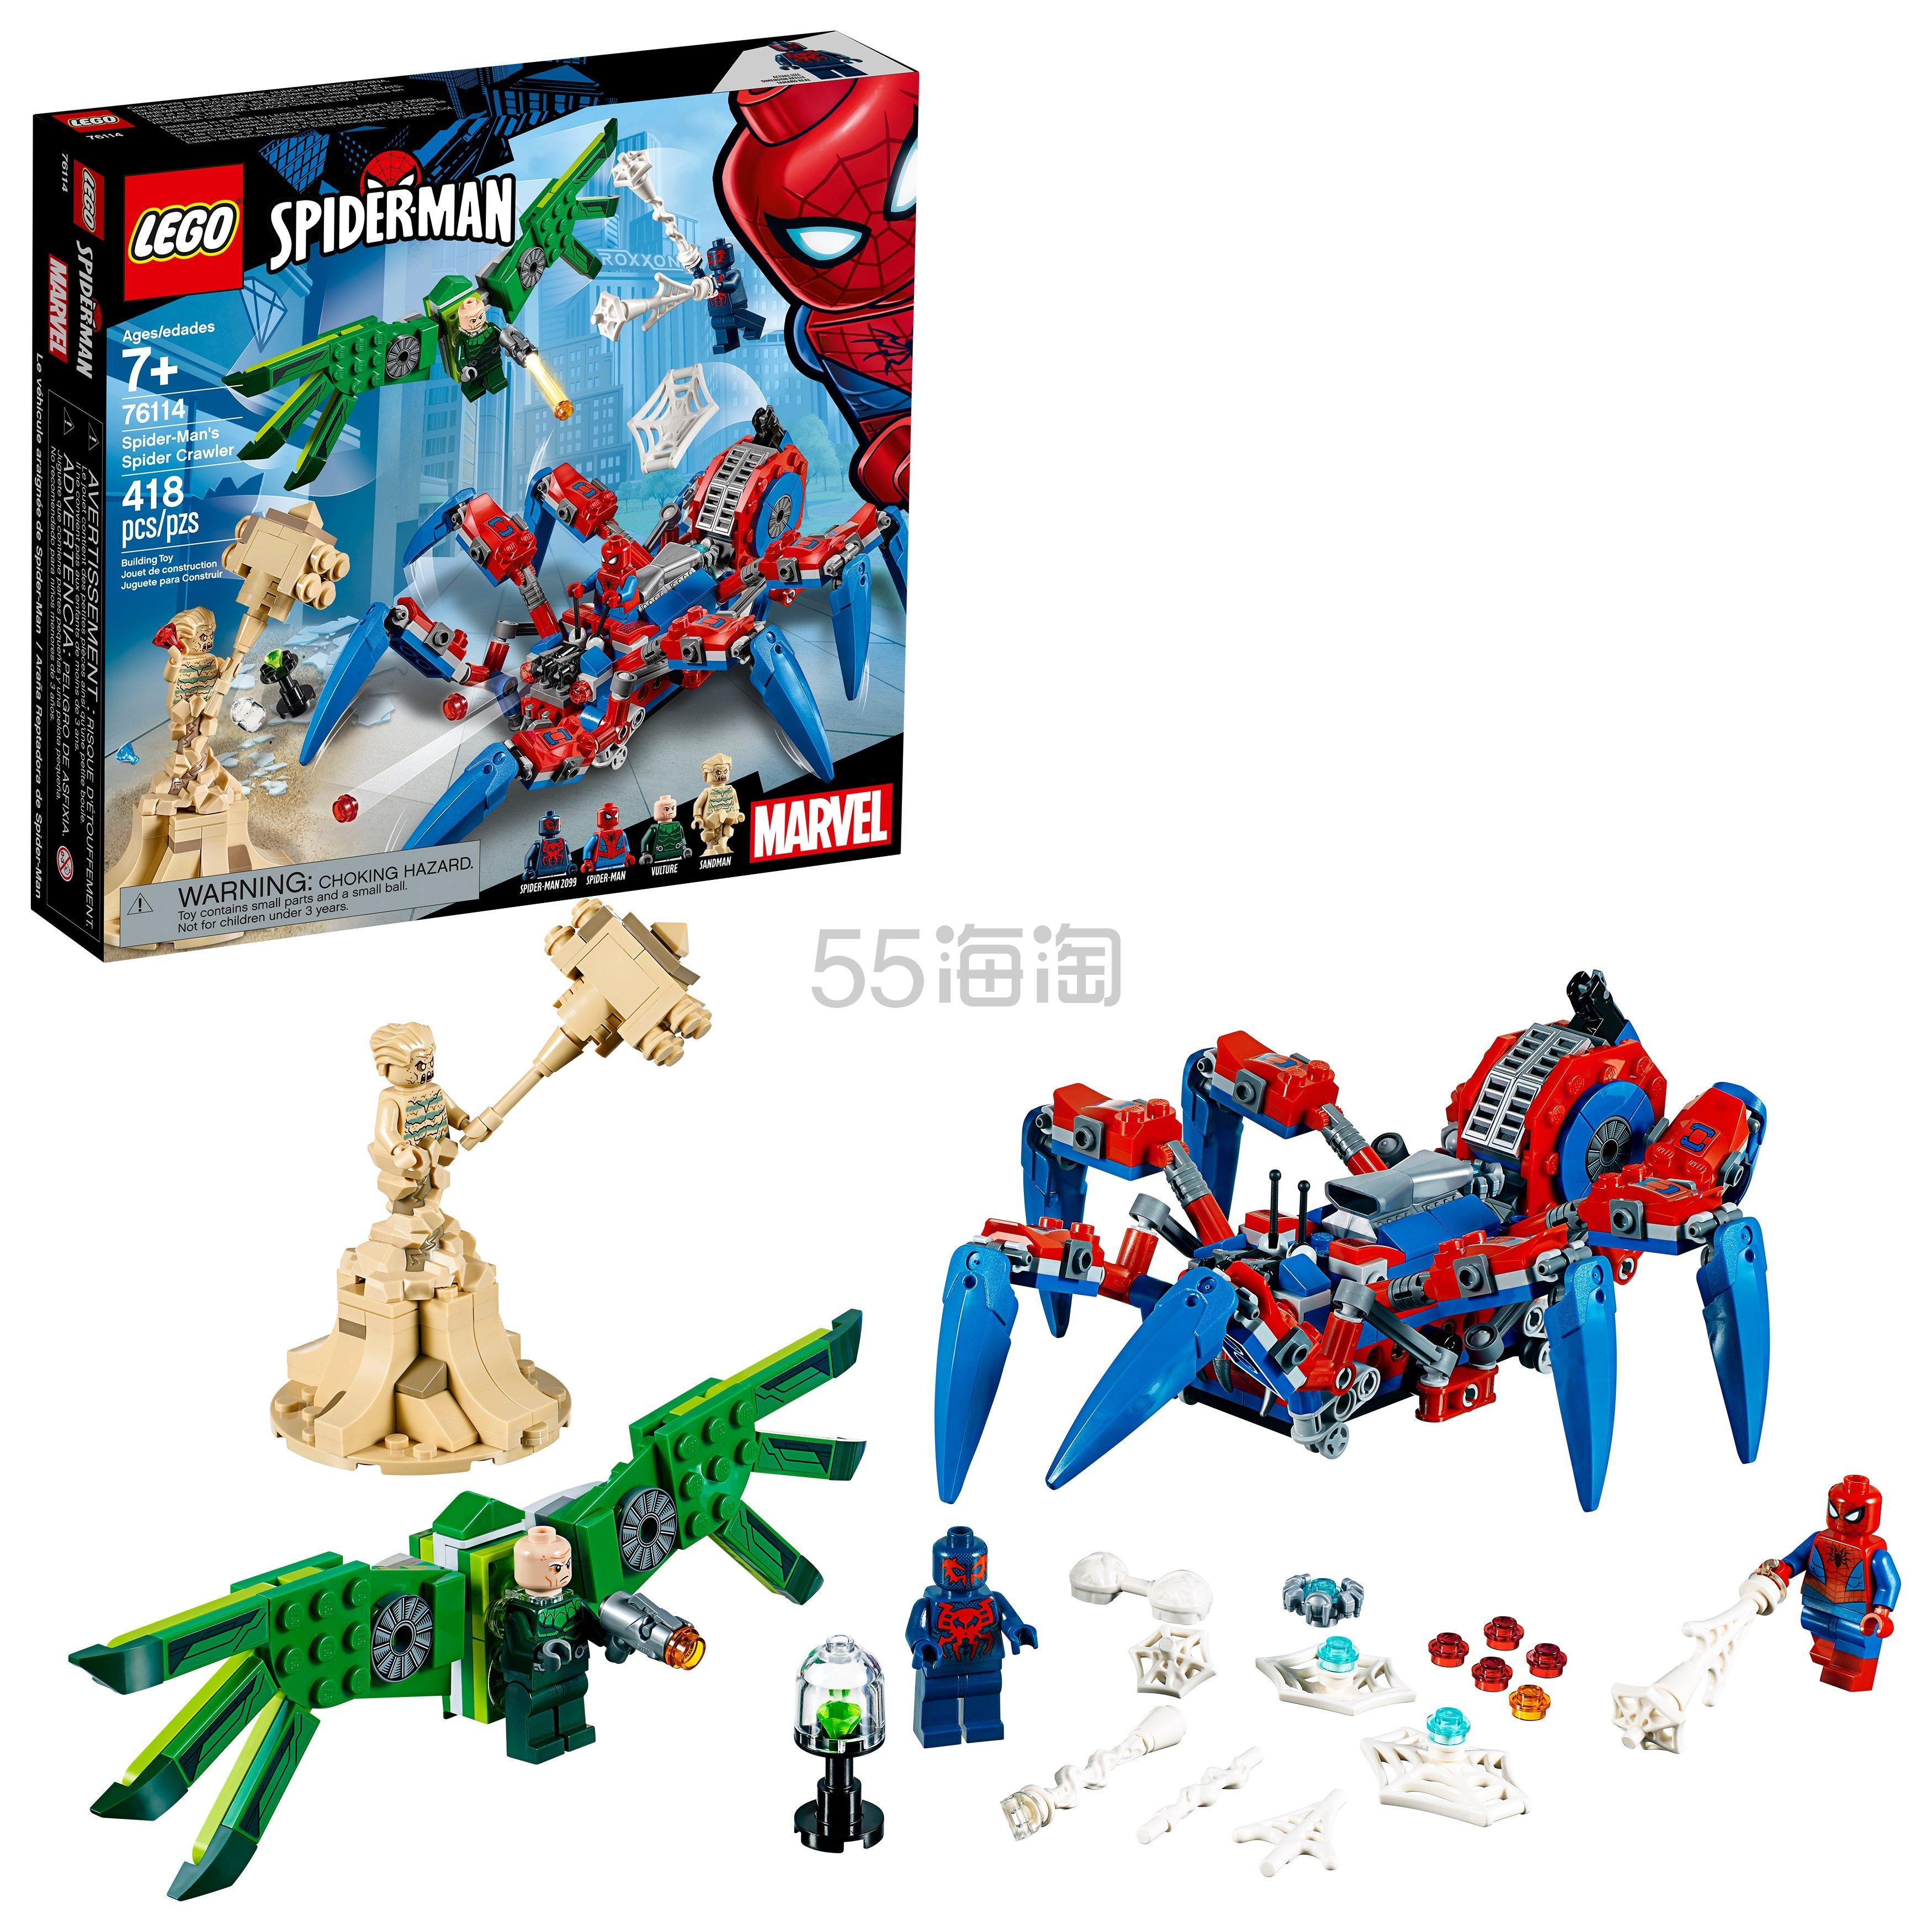 LEGO 乐高 76114 超级英雄系列 蜘蛛人蜘蛛爬行器 .99(约192元) - 海淘优惠海淘折扣|55海淘网